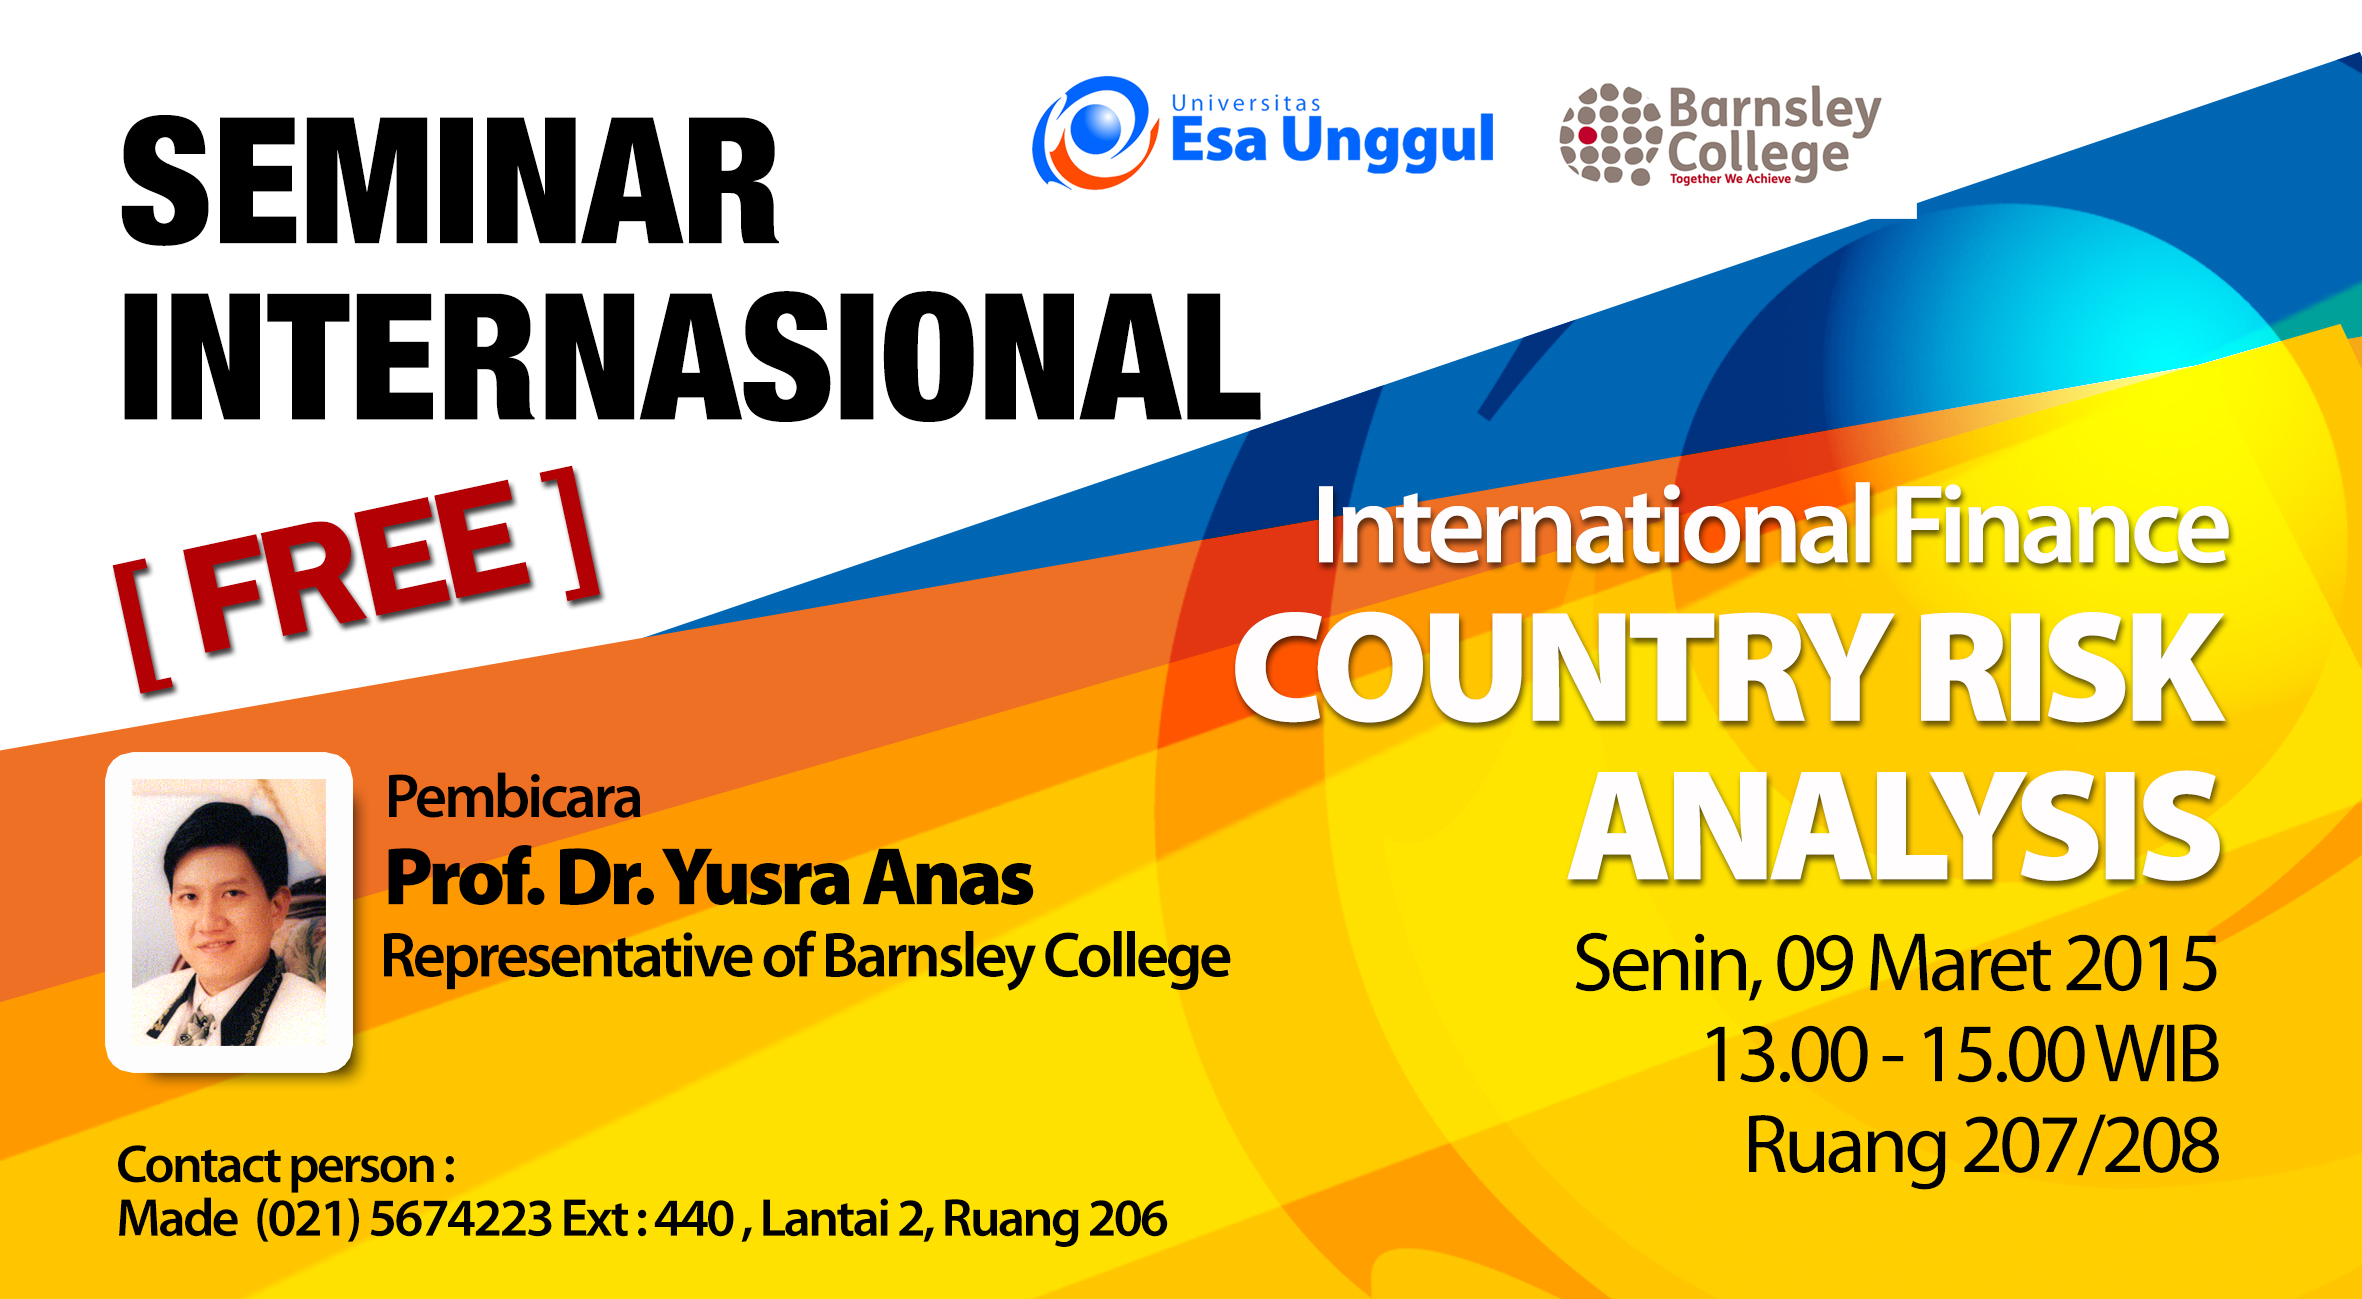 """Universitas Esa Unggul menyelenggarakan Seminar Internasional """" Country Risk Analysis"""" pada Senin, 09 Maret 2015 di Ruang 207/208"""